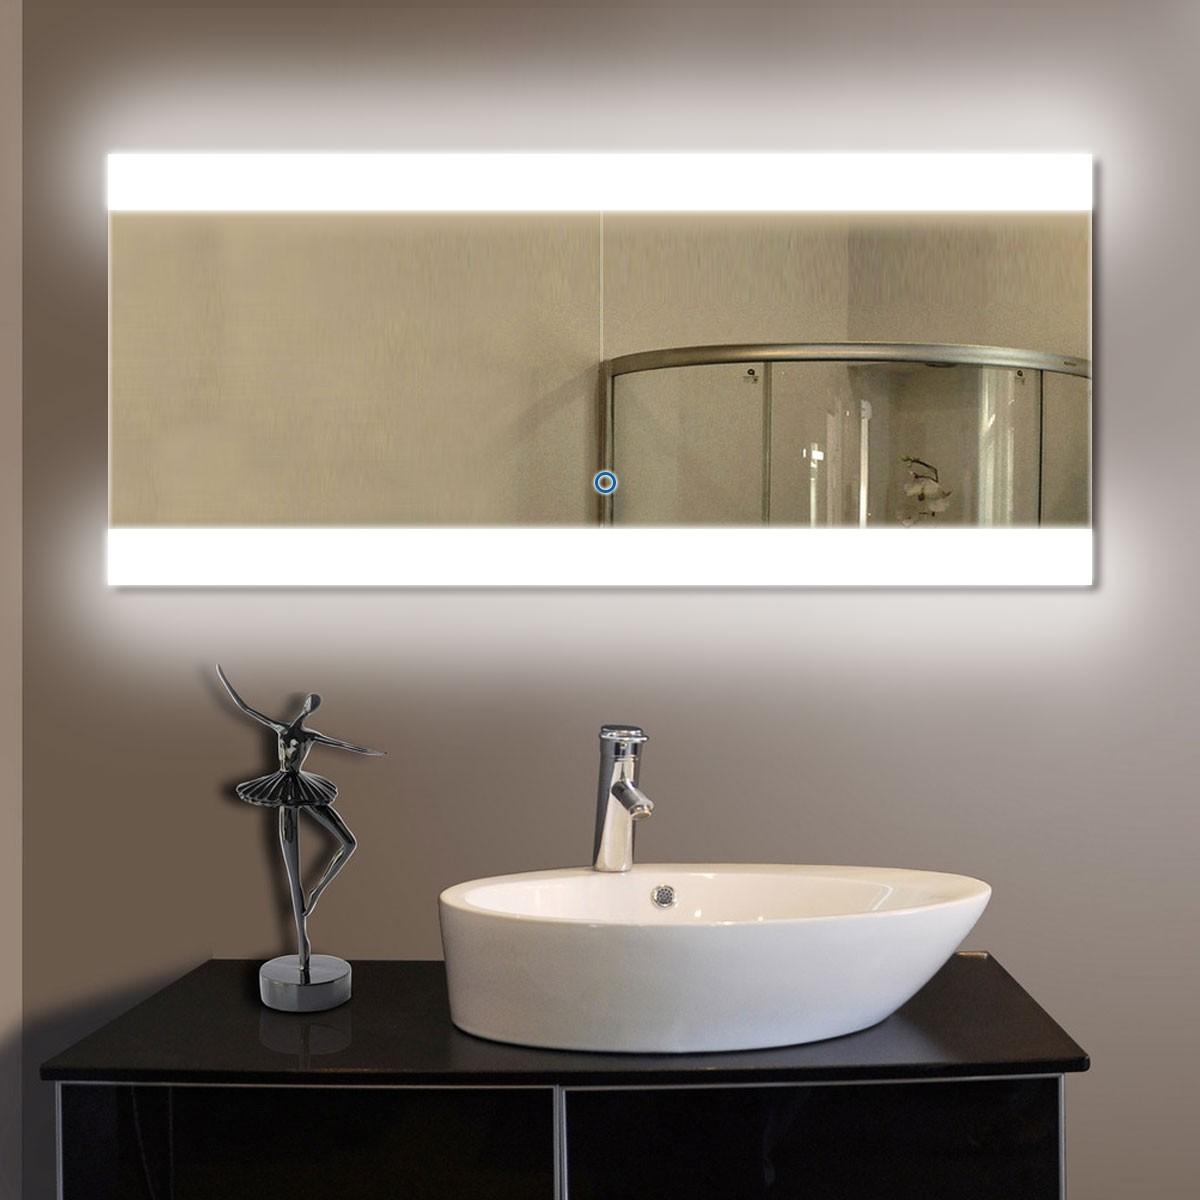 80 x 36 po miroir de salle de bain LED horizontal avec bouton tactile (DK-OD-T03-2)